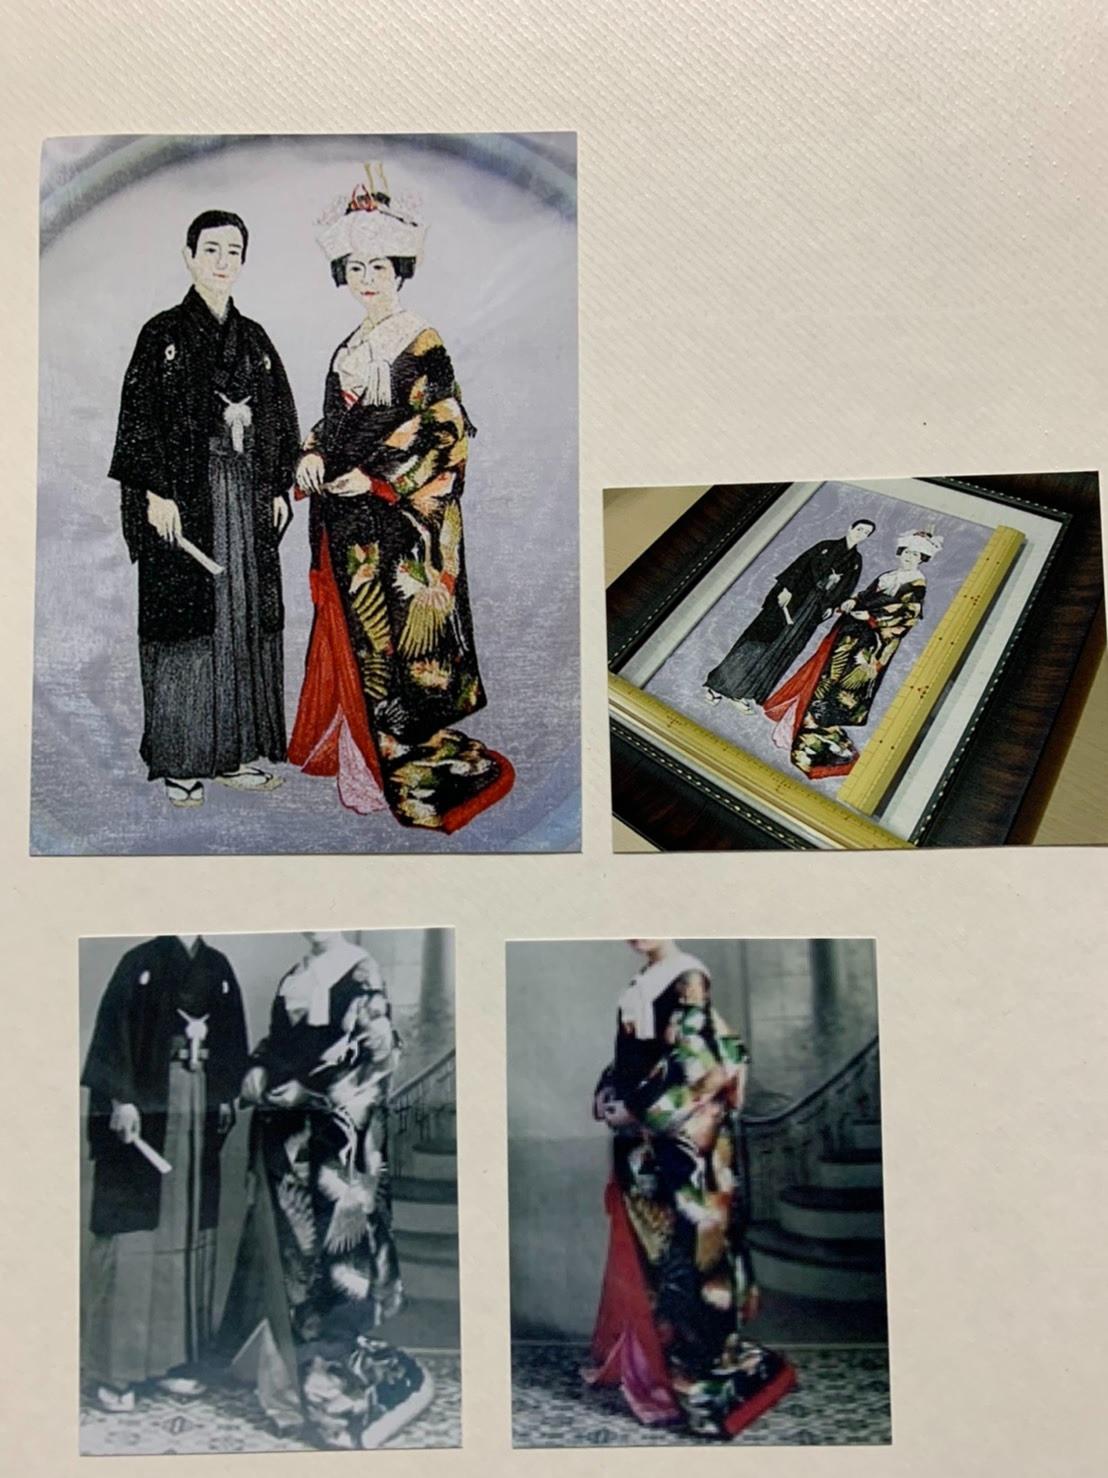 江戸時代から続く伝統技術を継承